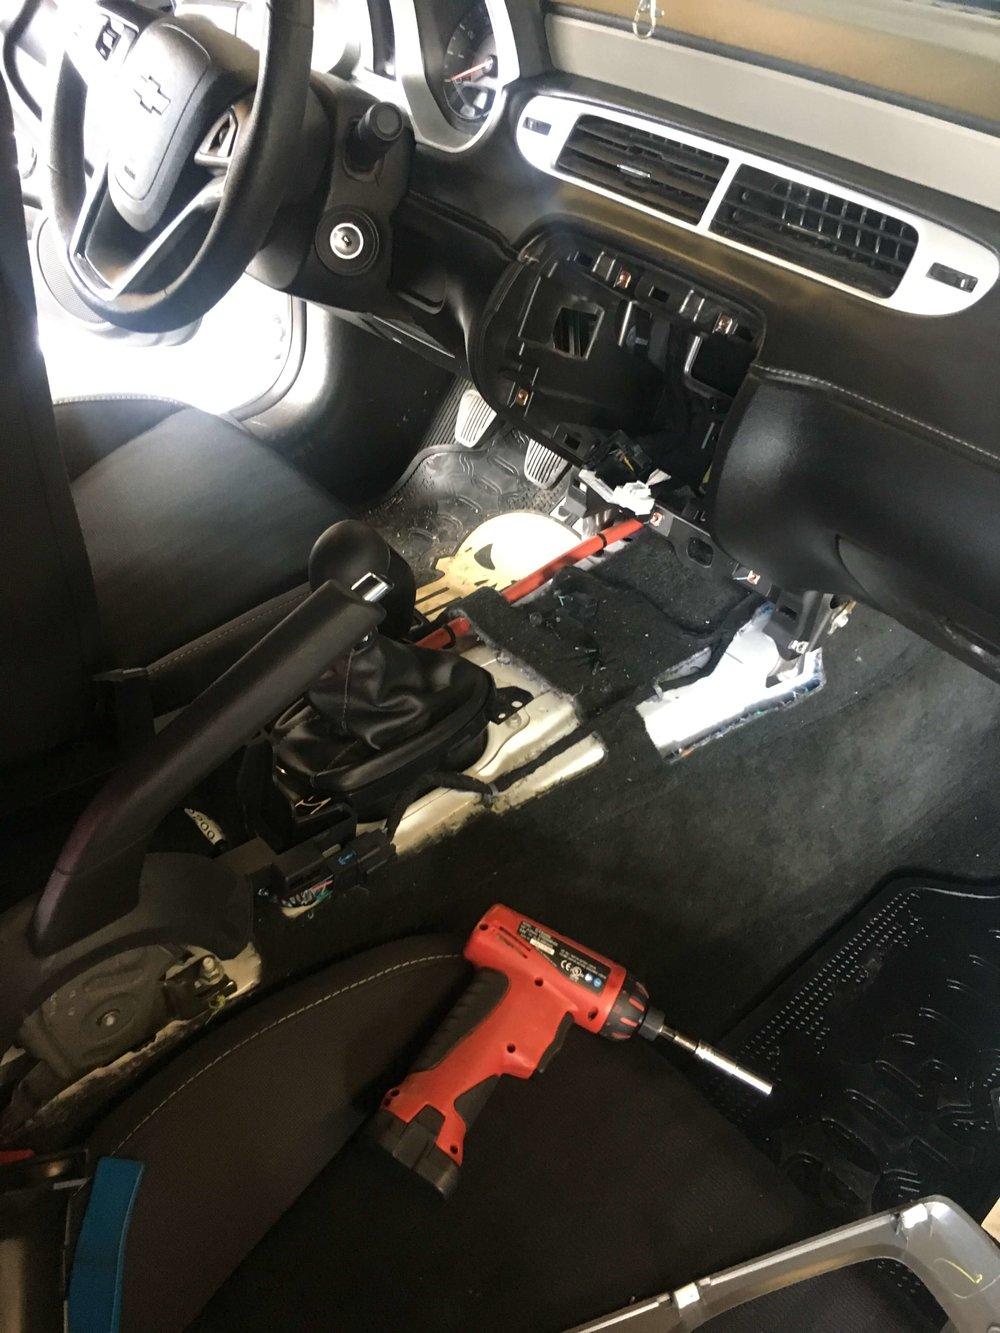 Get New Brakes & Brake Repair for your car